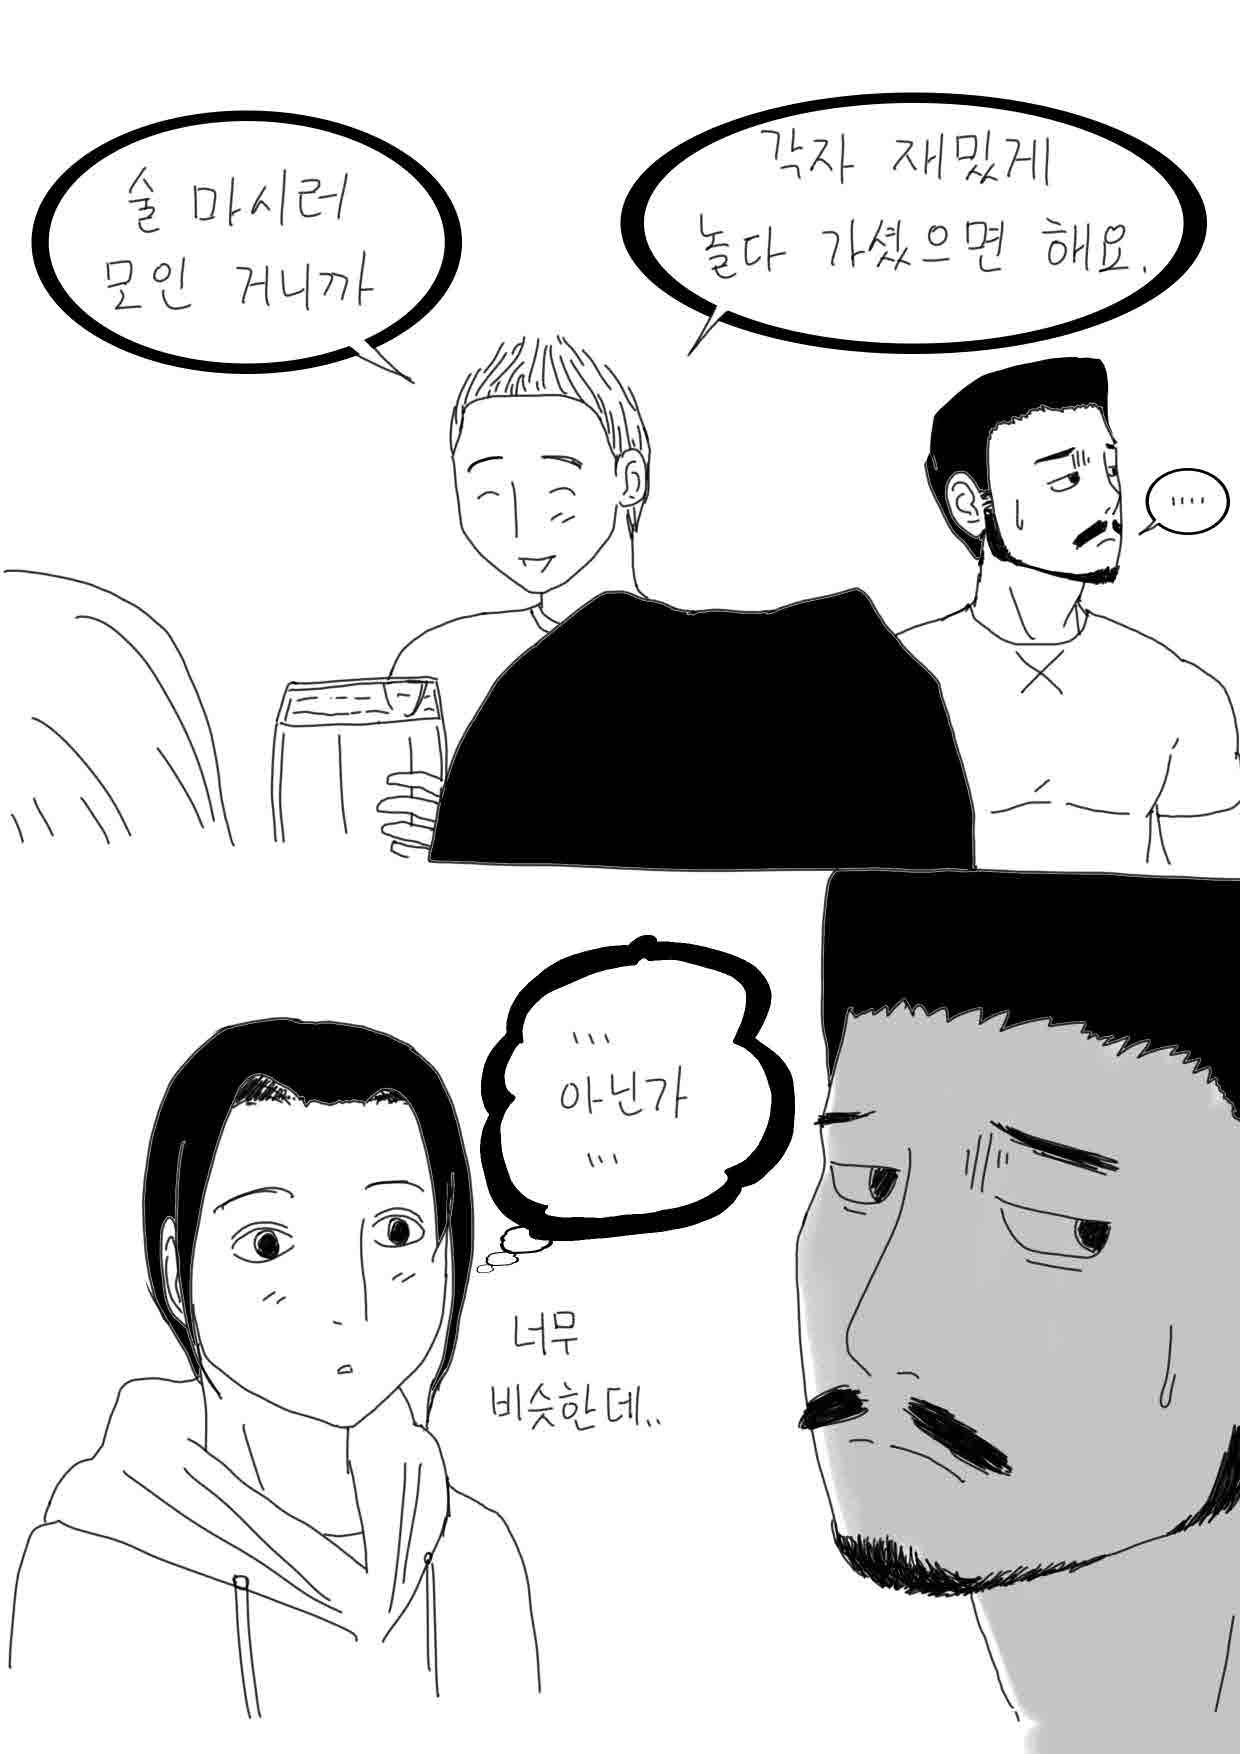 웹툰 끼와 나의 썸네일.